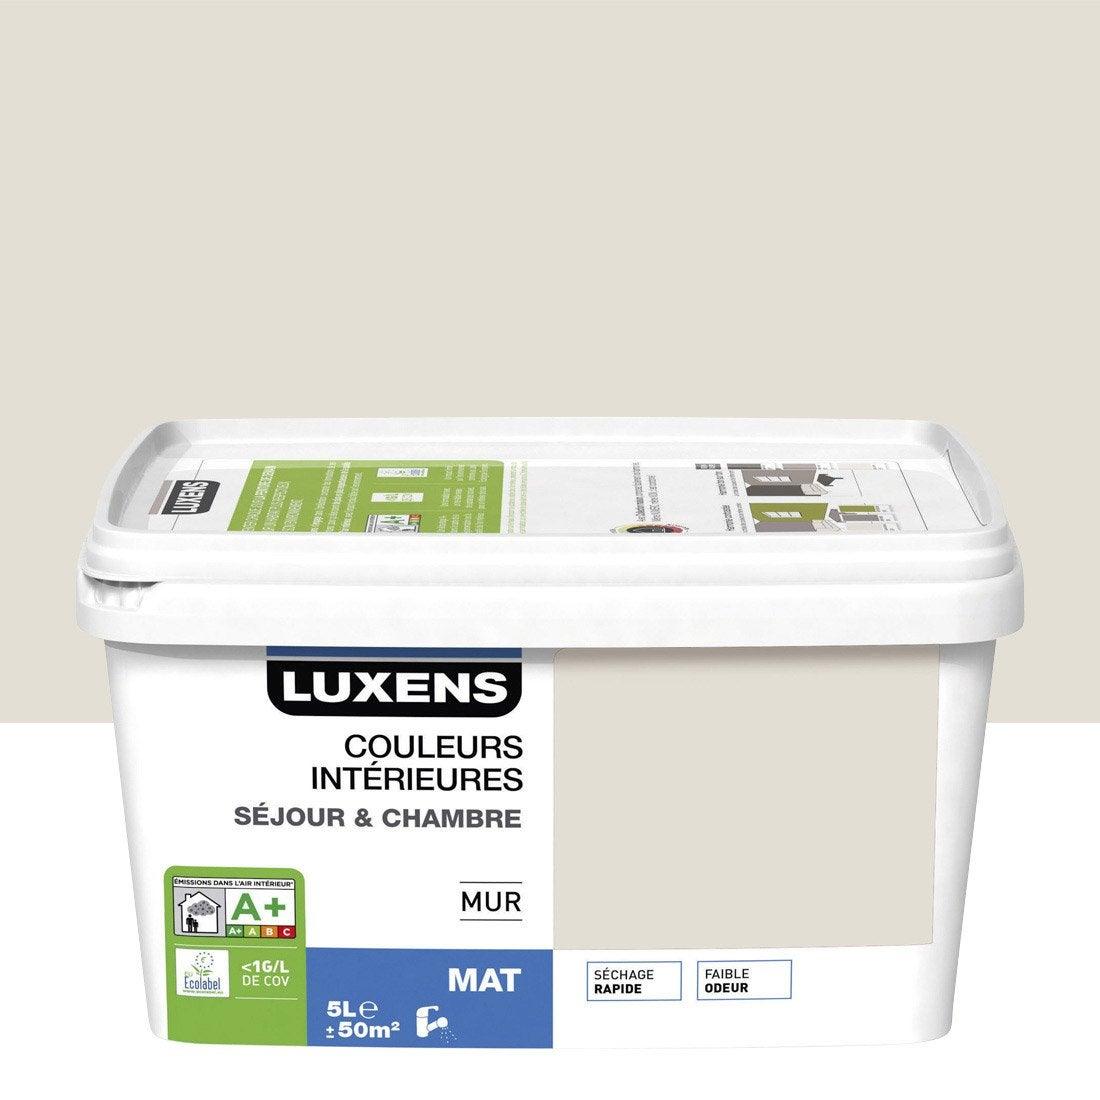 Peinture blanc lin 2 luxens couleurs int rieures 5 l for Peinture speciale cuisine